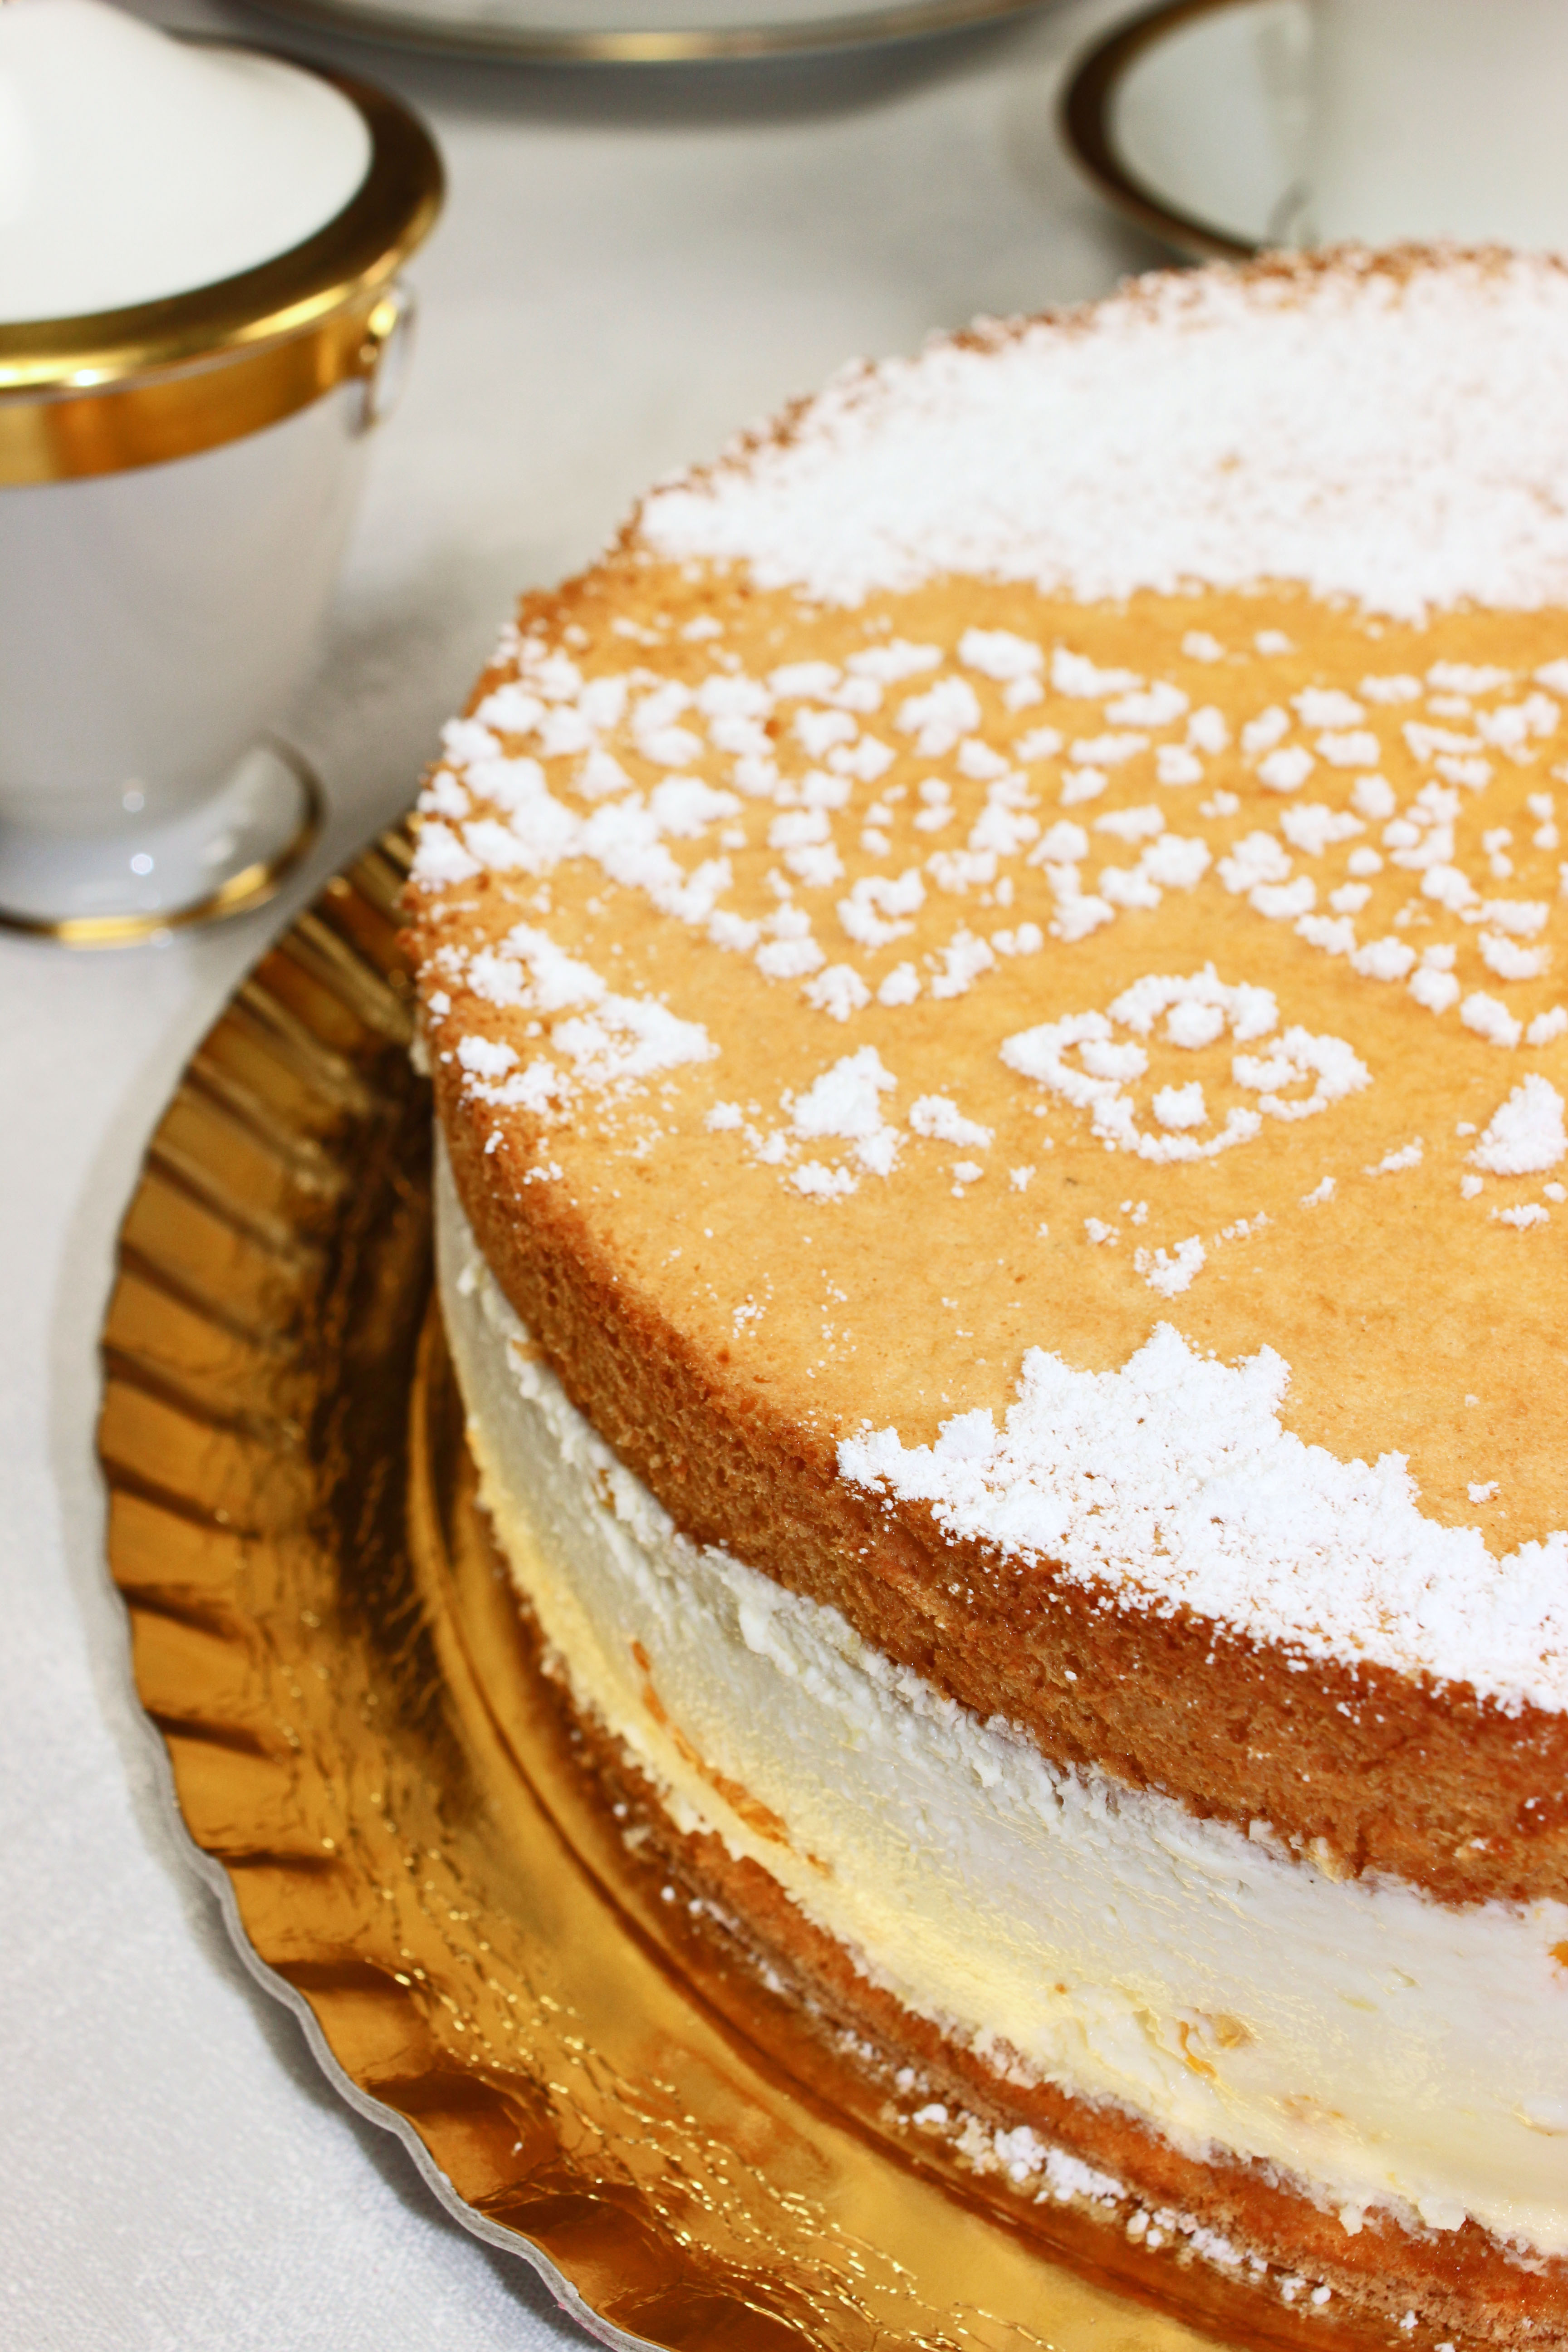 Quark-Mandarinen Torte_4841_b-1